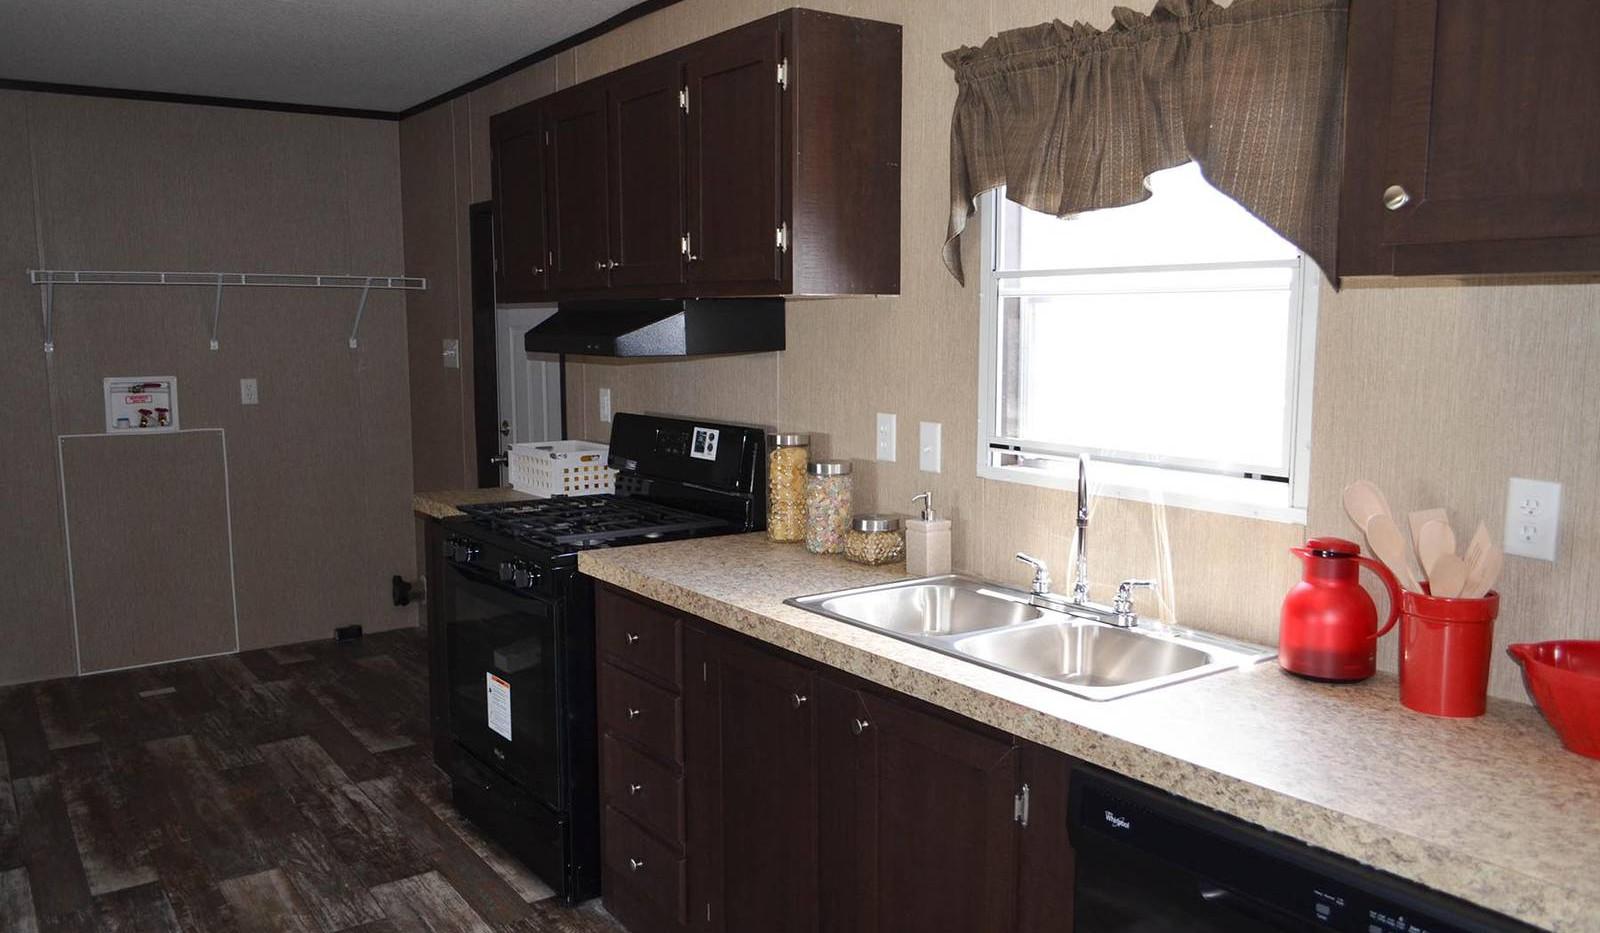 8-E12RM2872A kitchen 3a-1600x1067.jpg